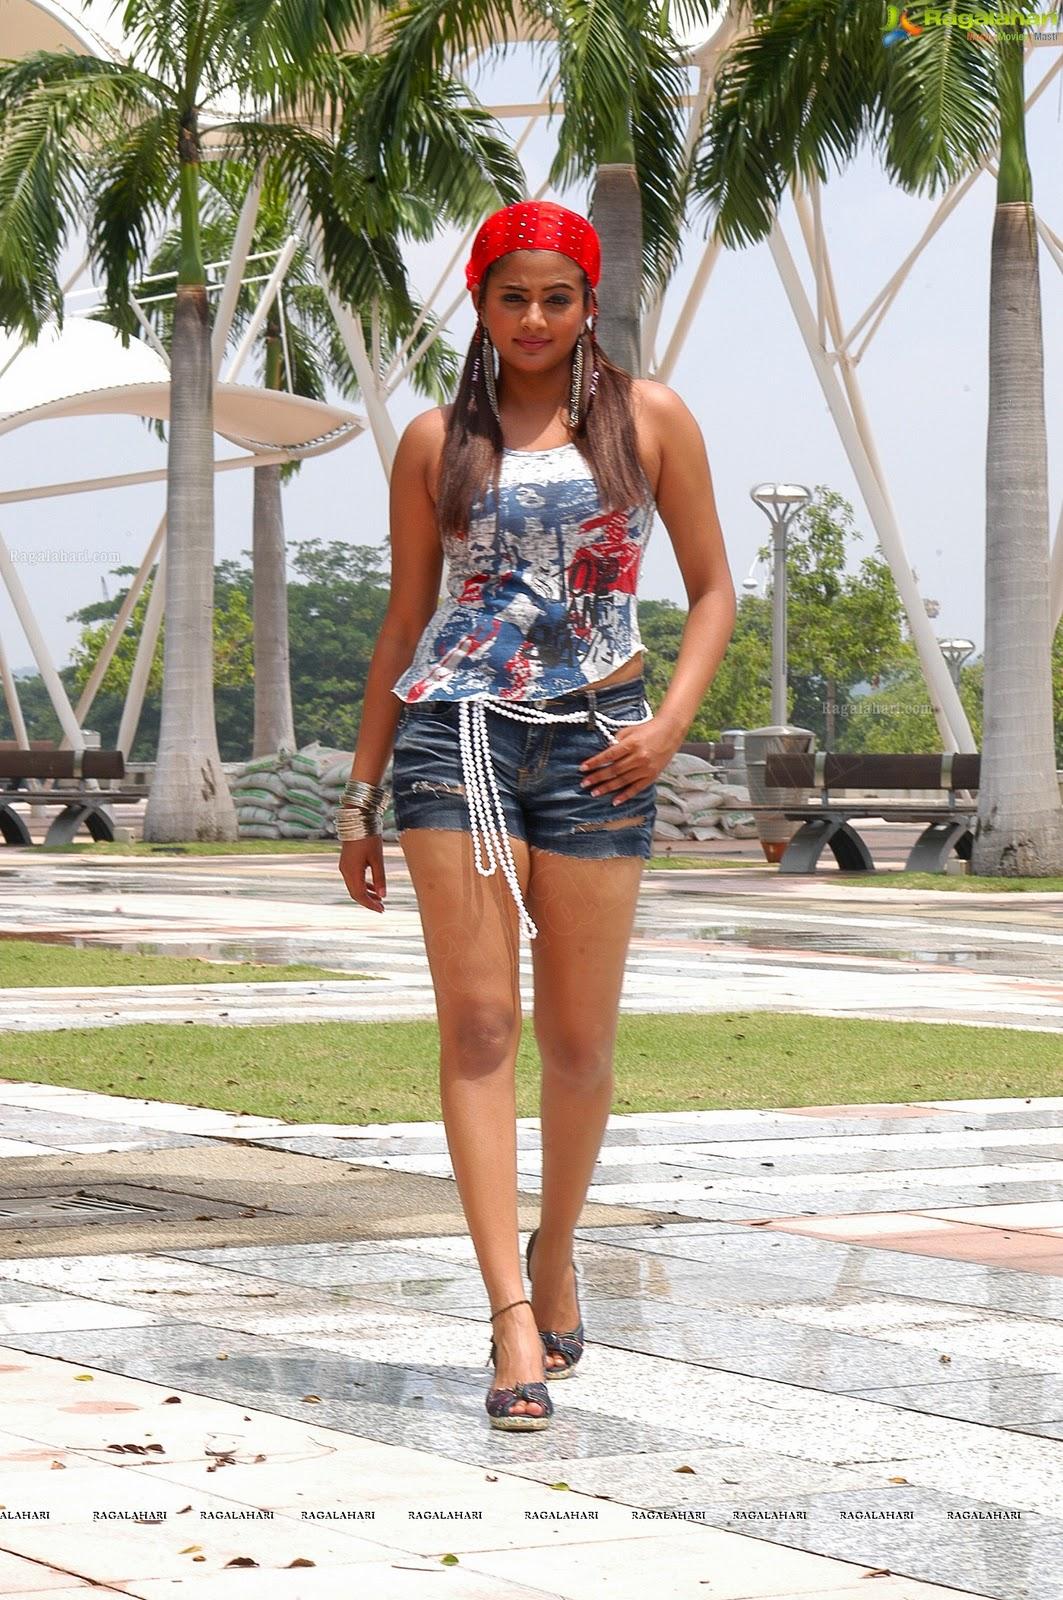 Hot skirt milf